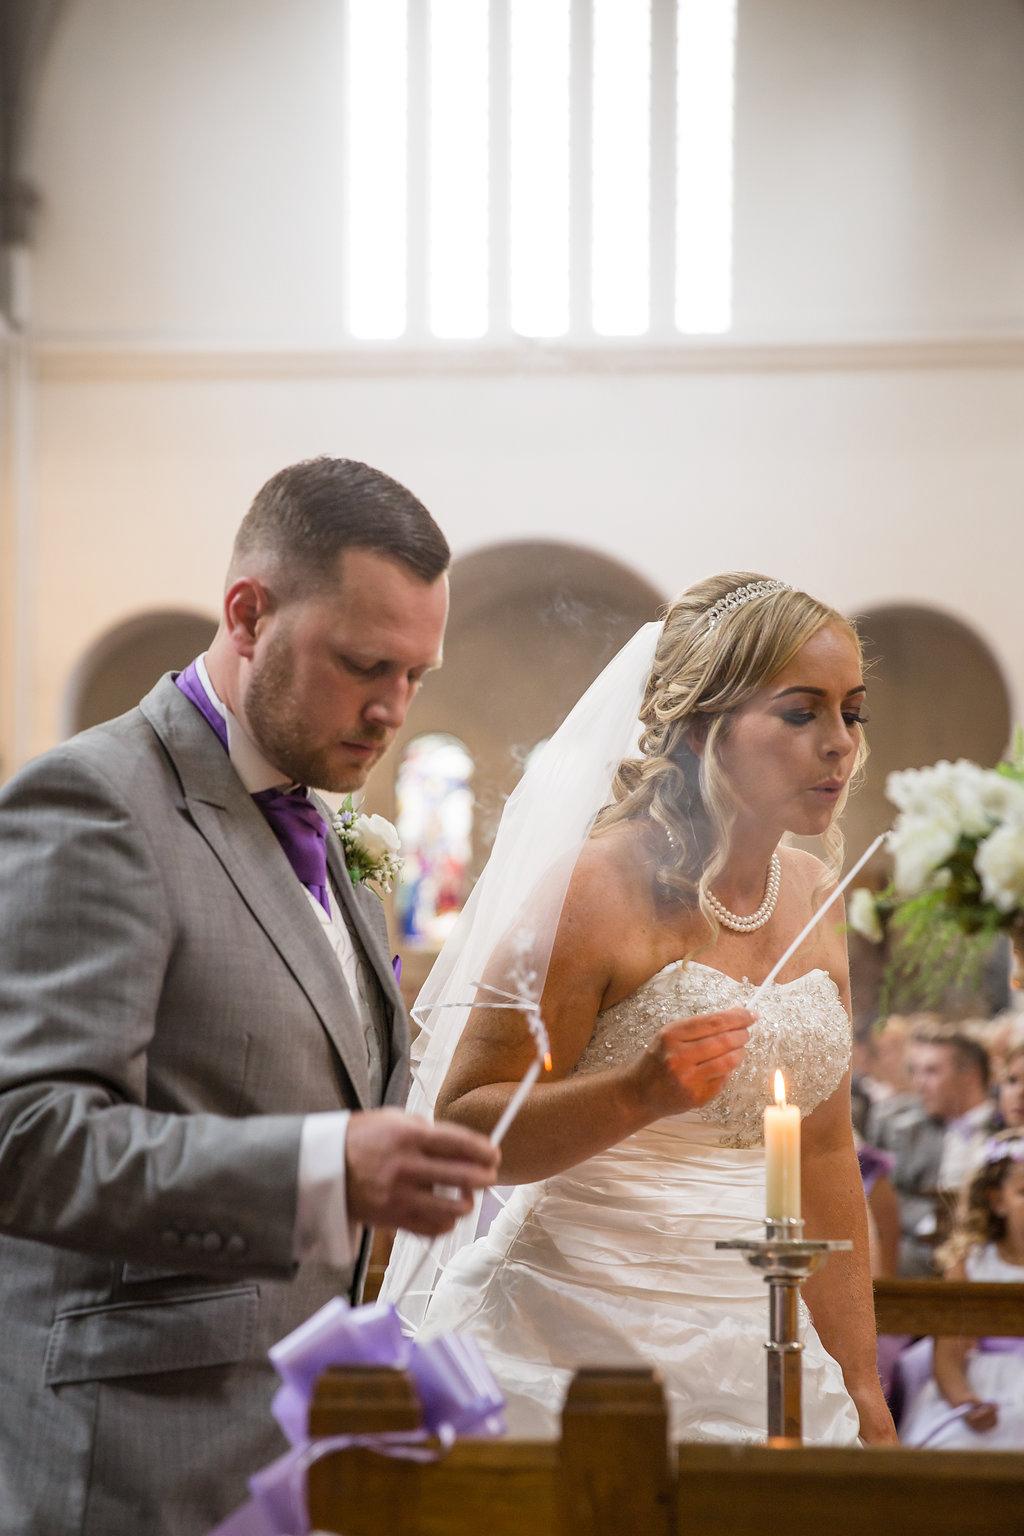 Female-wedding-photographer-cardiff-new-house-hotel-cardiff-natalia-smith-photography-16.jpg